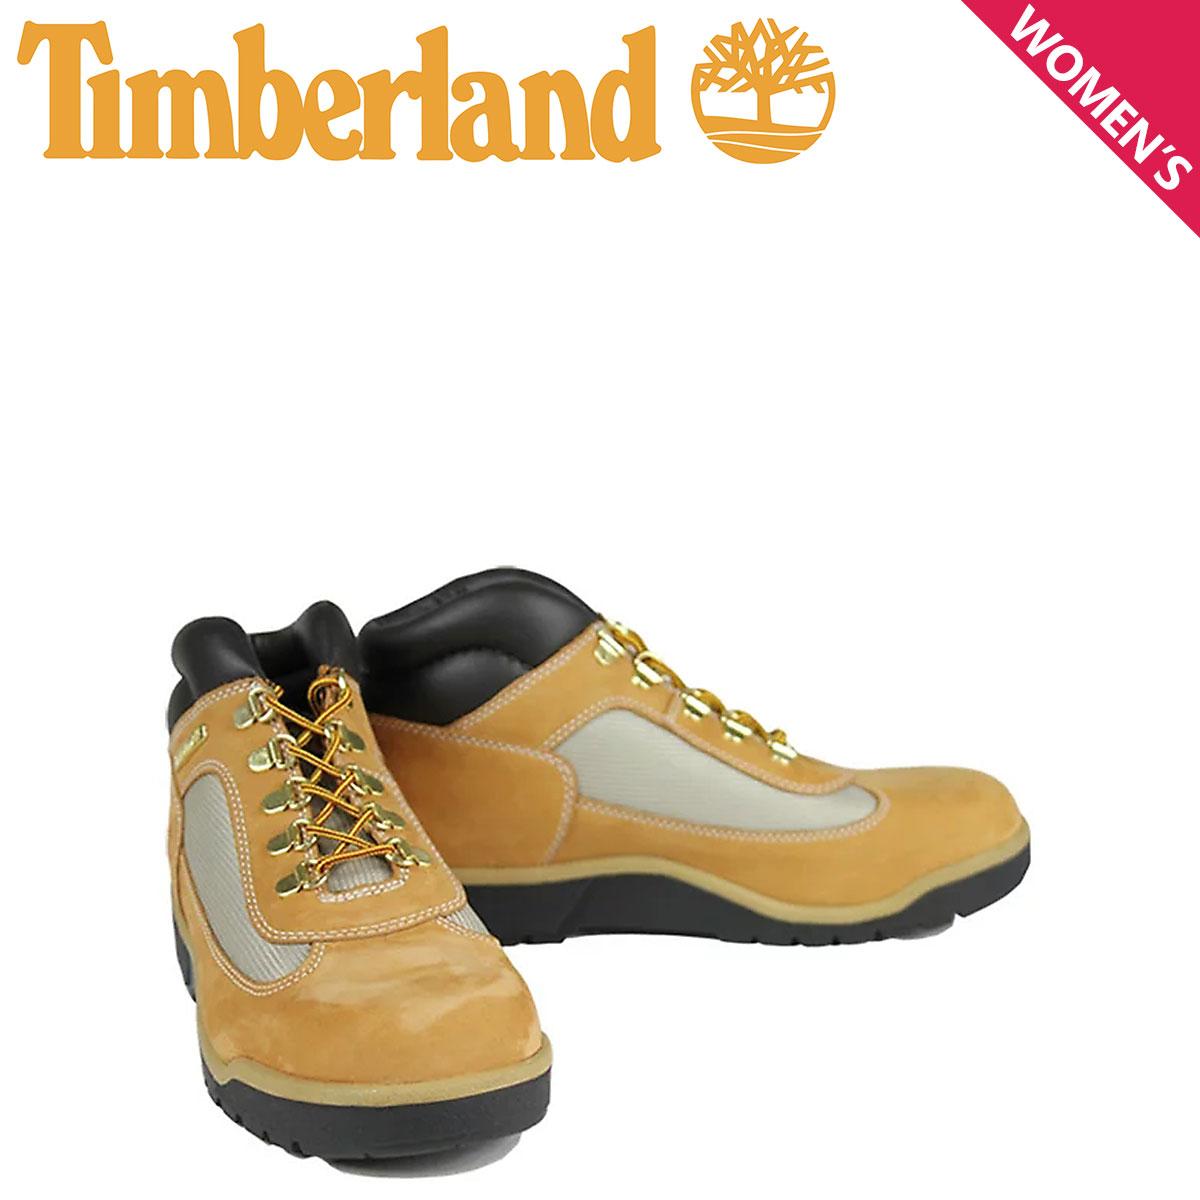 ティンバーランド レディース ブーツ Timberland JUNIOR FIELD BOOT 15945 防水